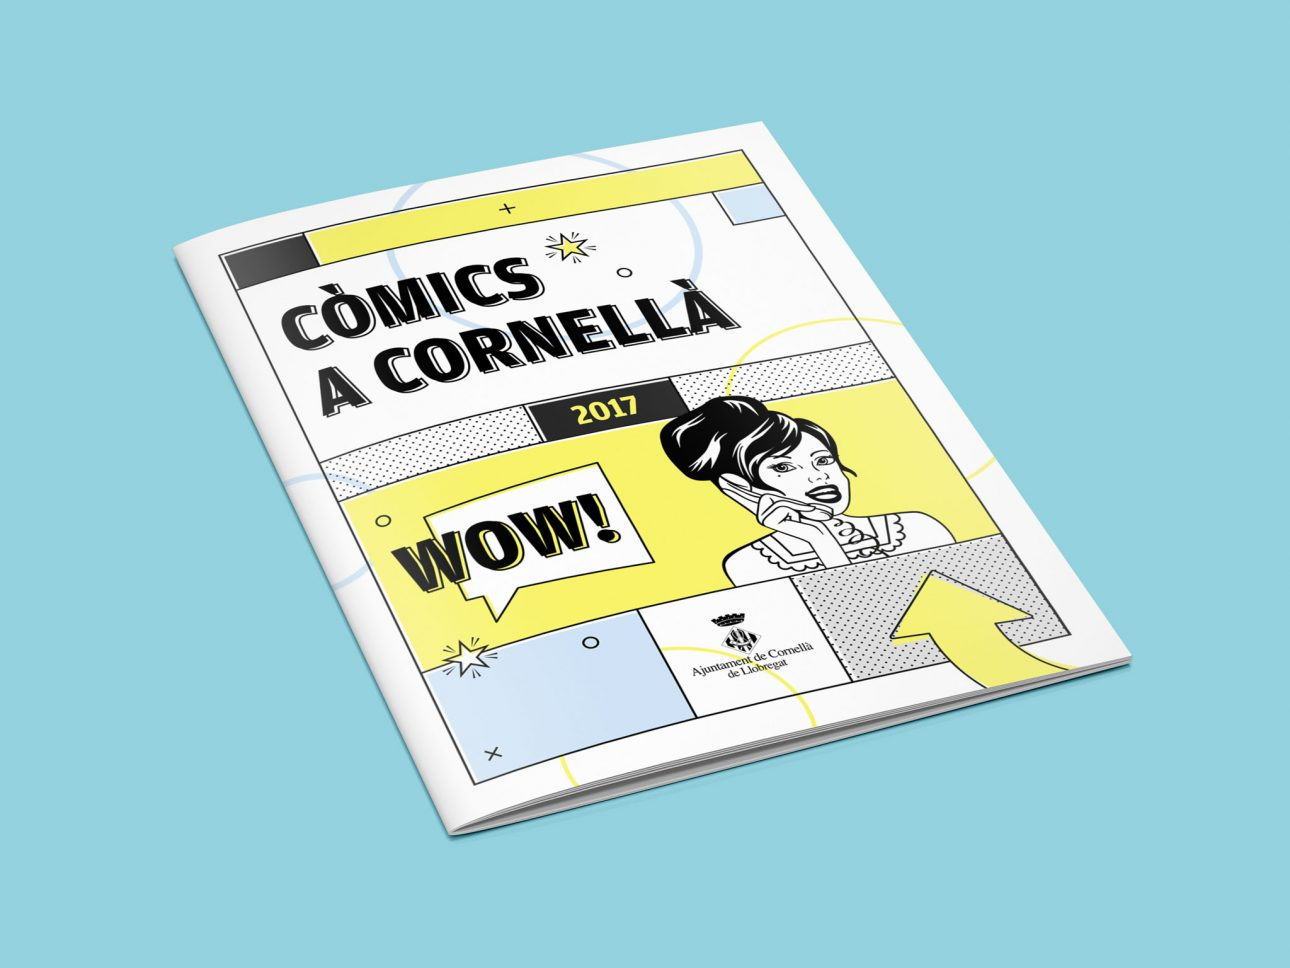 SD_COMIC-A-CORNELLA_1